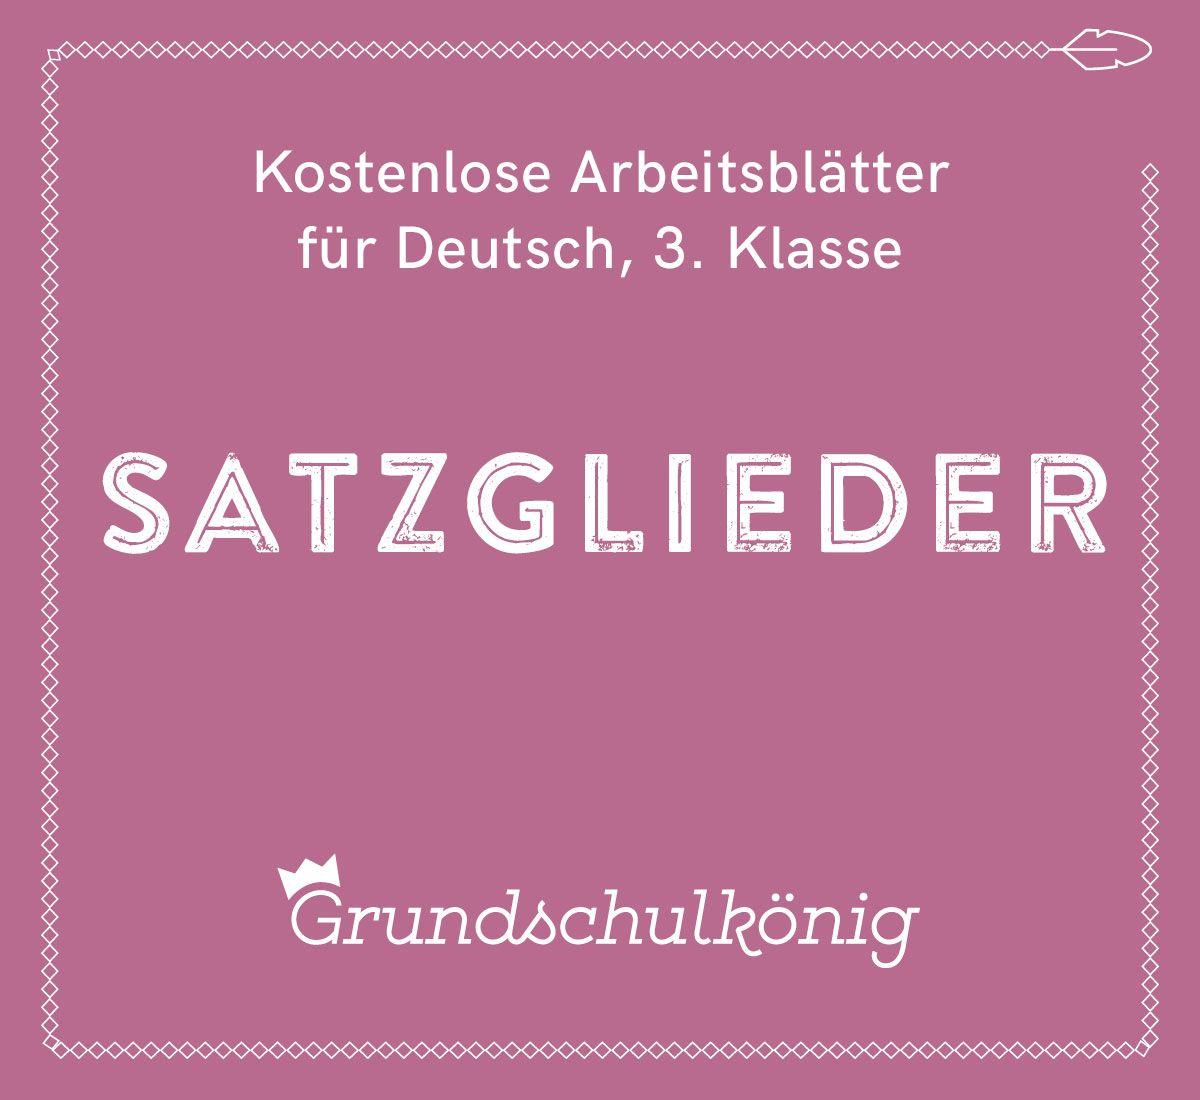 Kostenlose Arbeitsblätter zu den Satzgliedern für Deutsch in der 3 ...